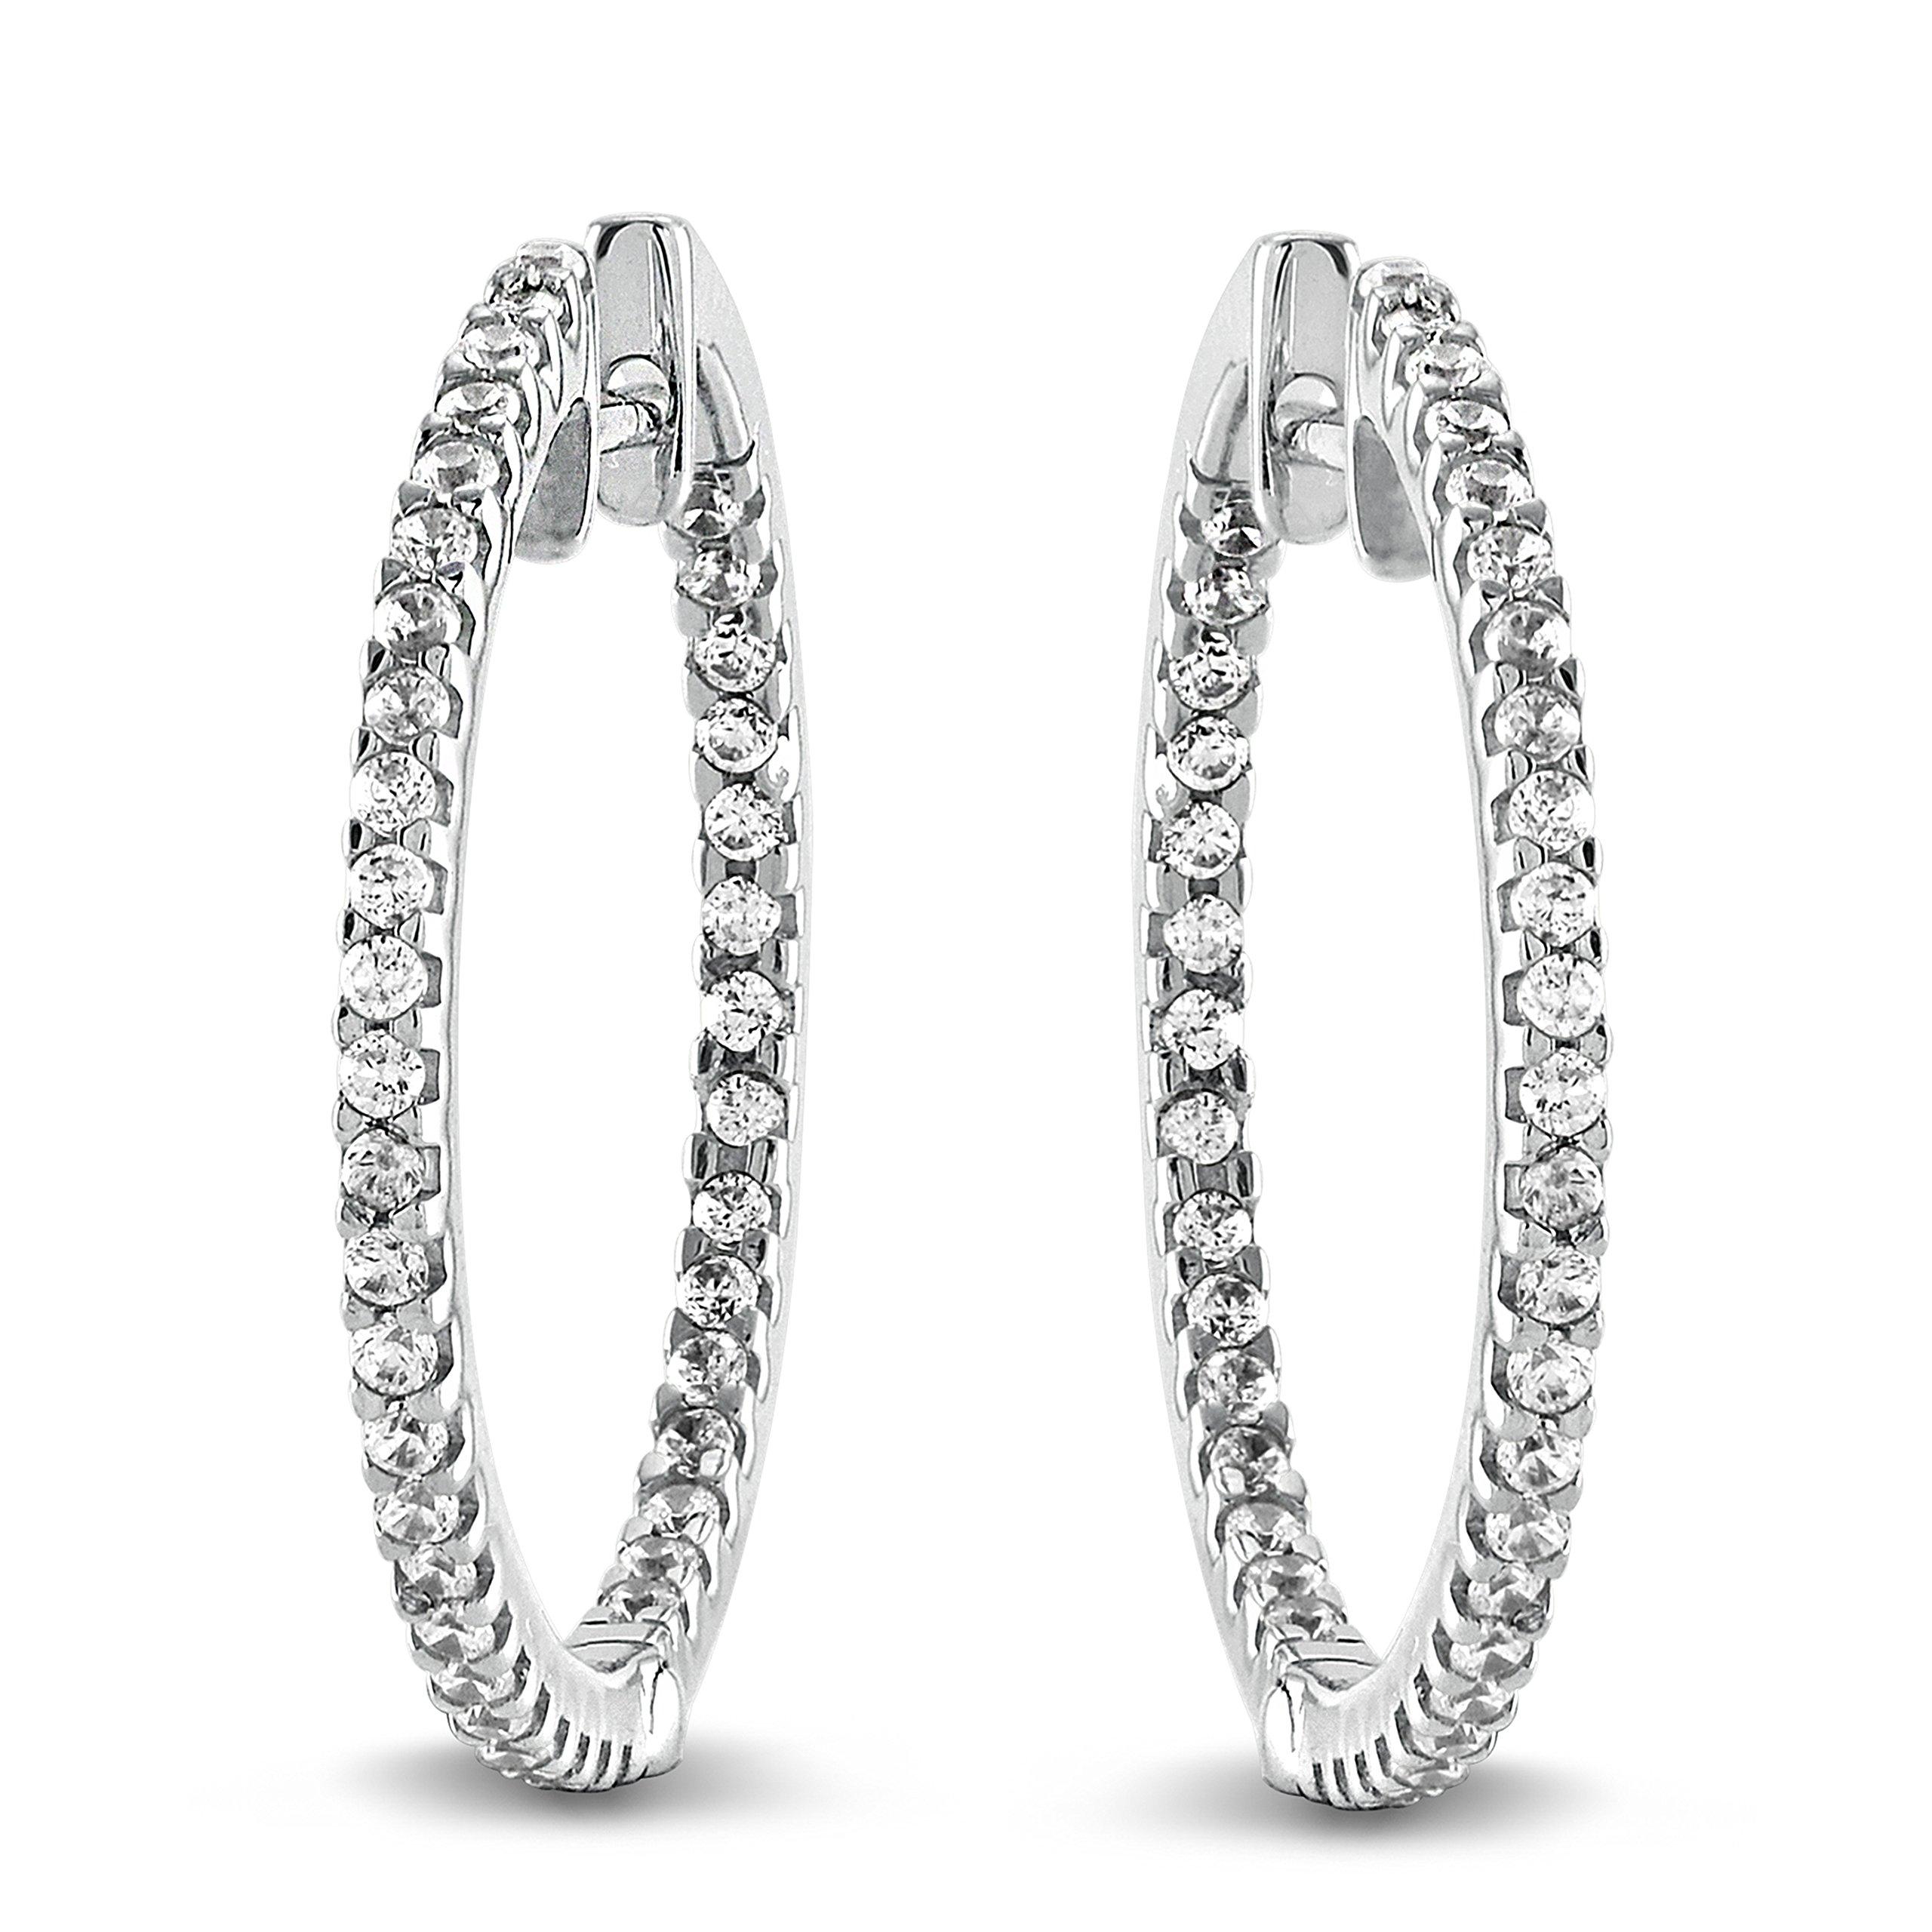 0.50 Ct. Natural Diamond Hoop Earrings 10K White Gold for Women (GH-I2I3)